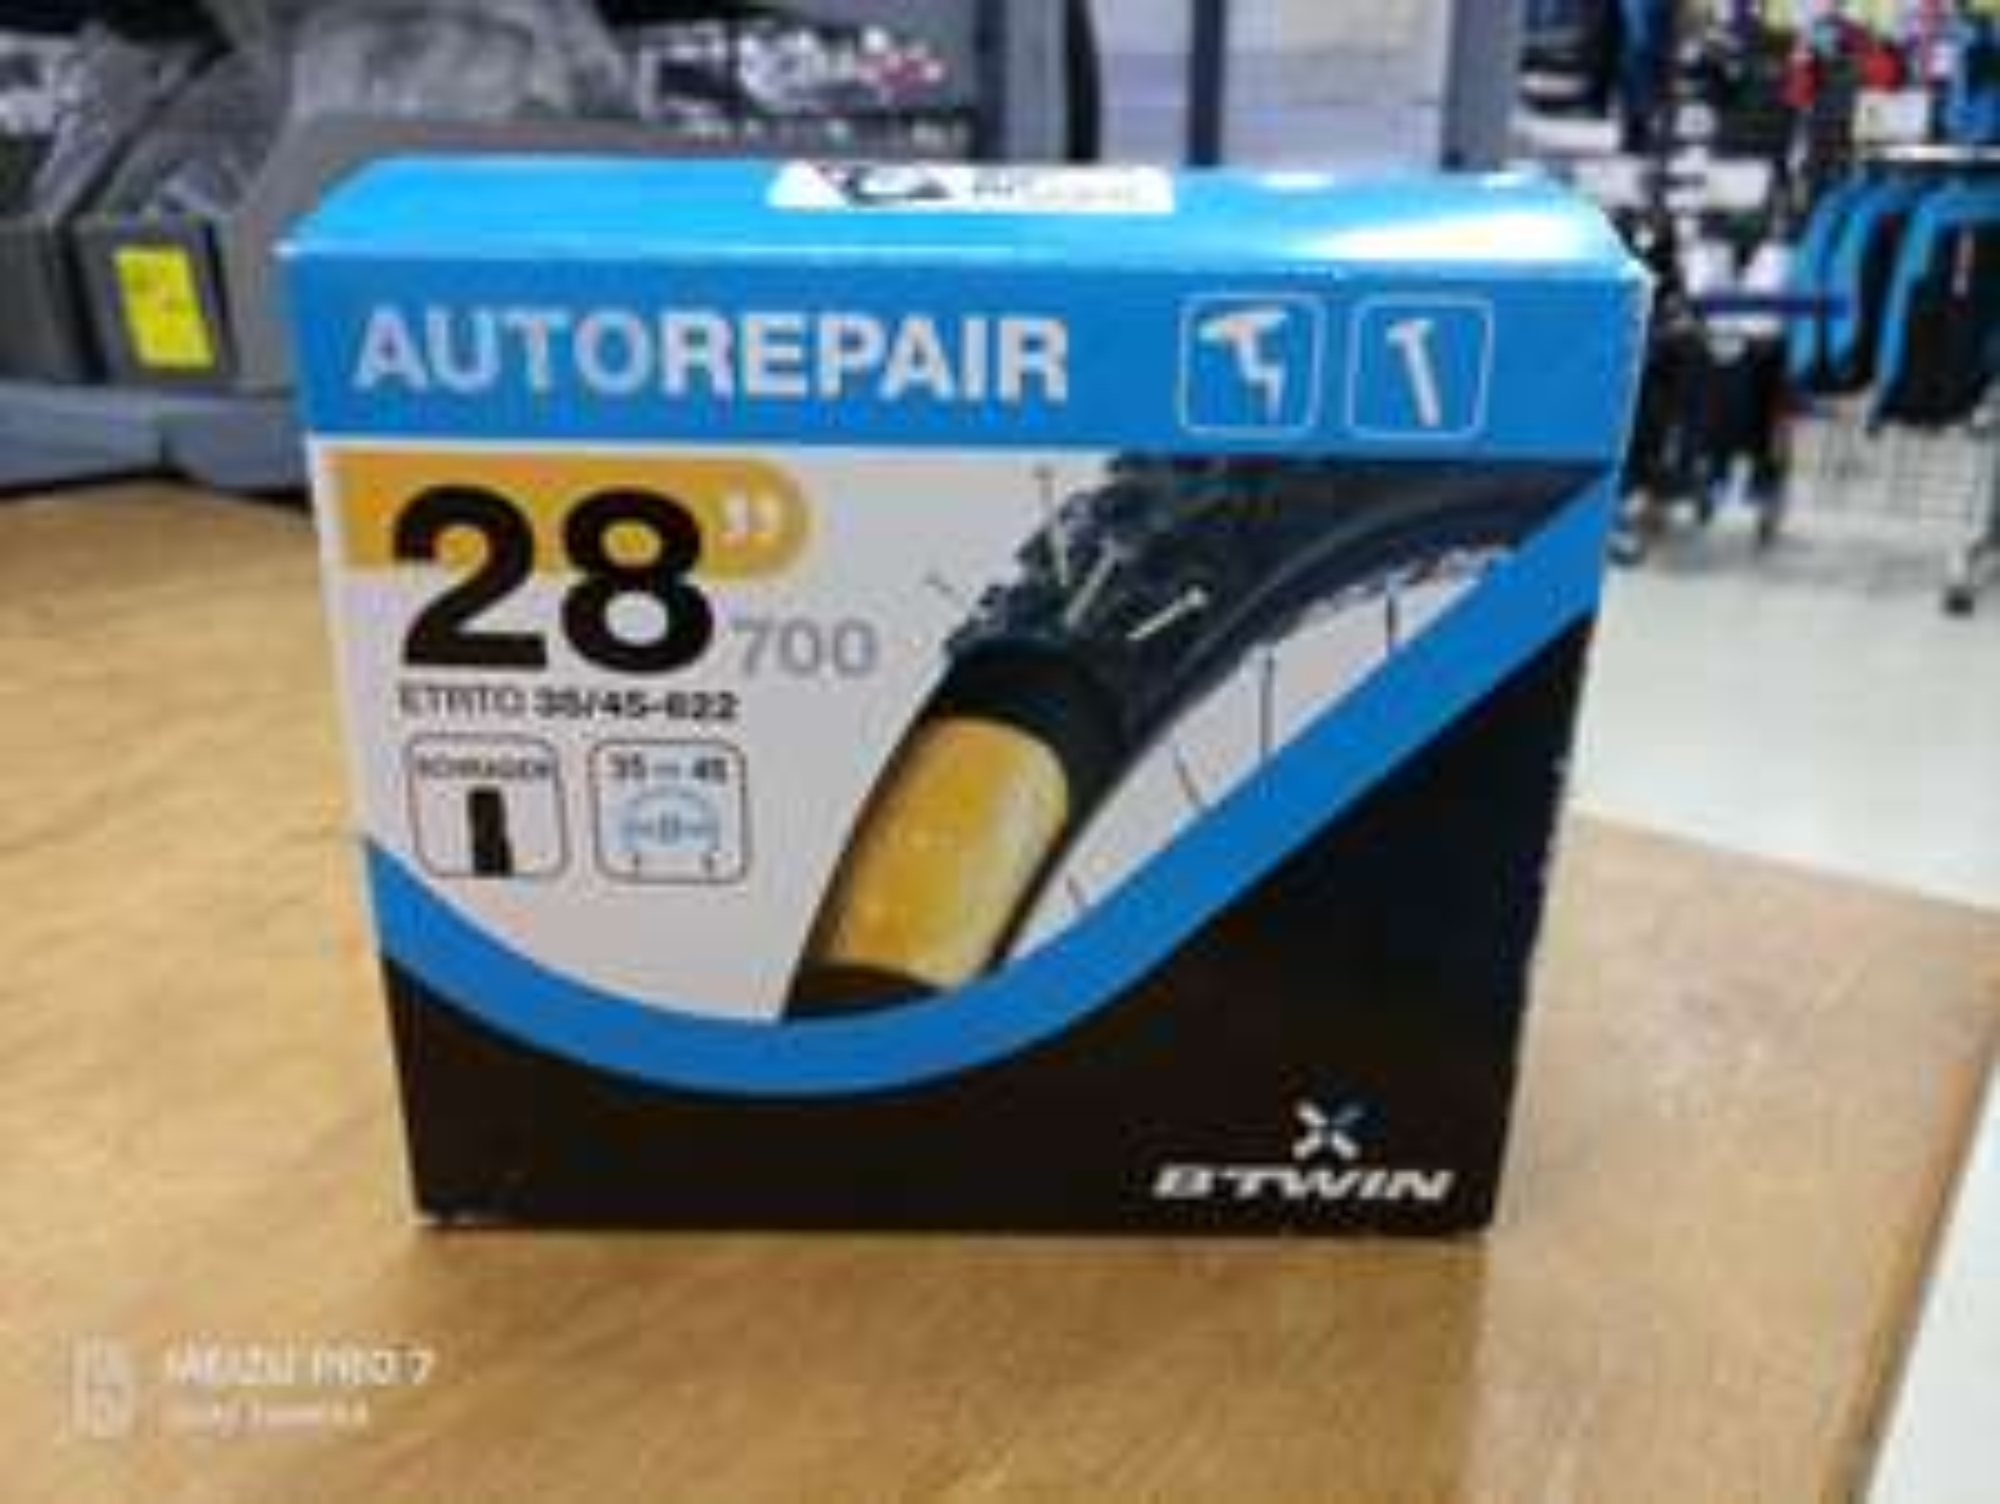 Chambre a Air AutoRepair Btwin - Oyonnax (01)